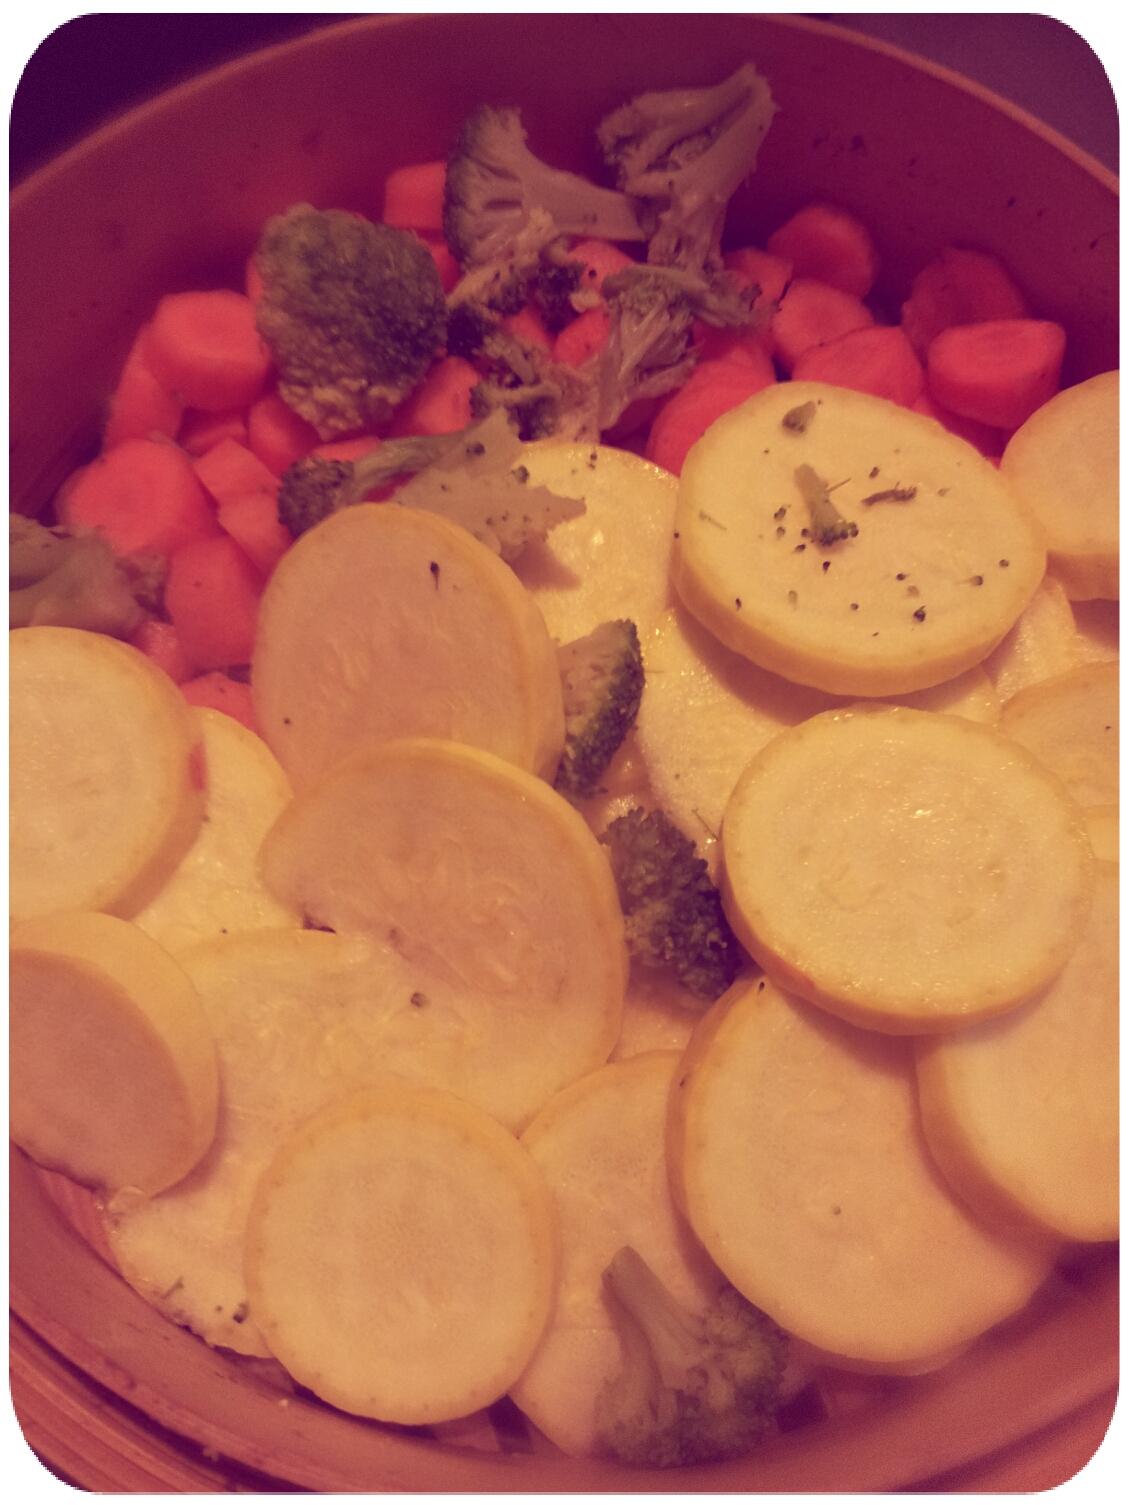 2012-04-10 18.16.00_Melissa_Round.jpg